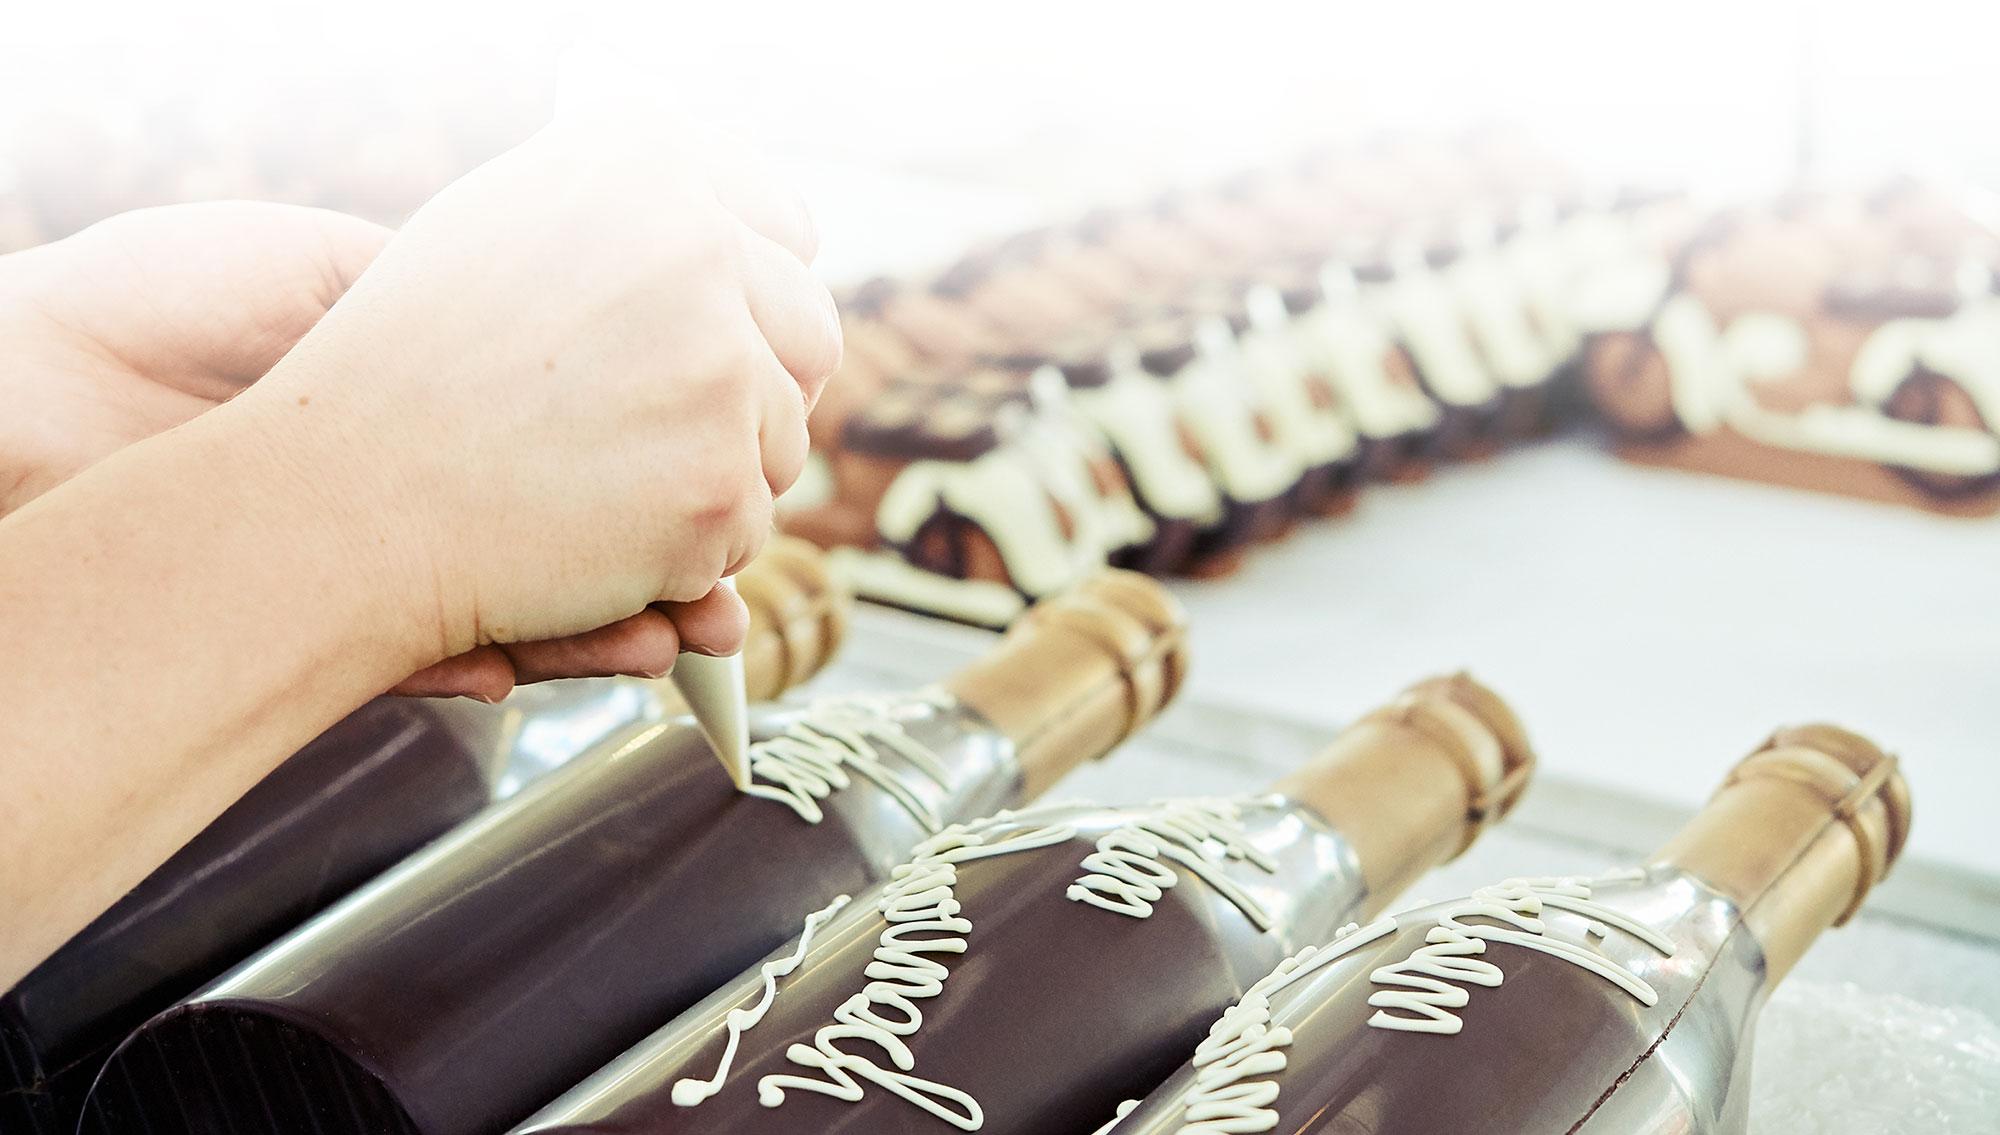 Schokolade mit Wunschtext, Beschriftung, personalisierte Schokolade, Pralinen-Online-Shop-004